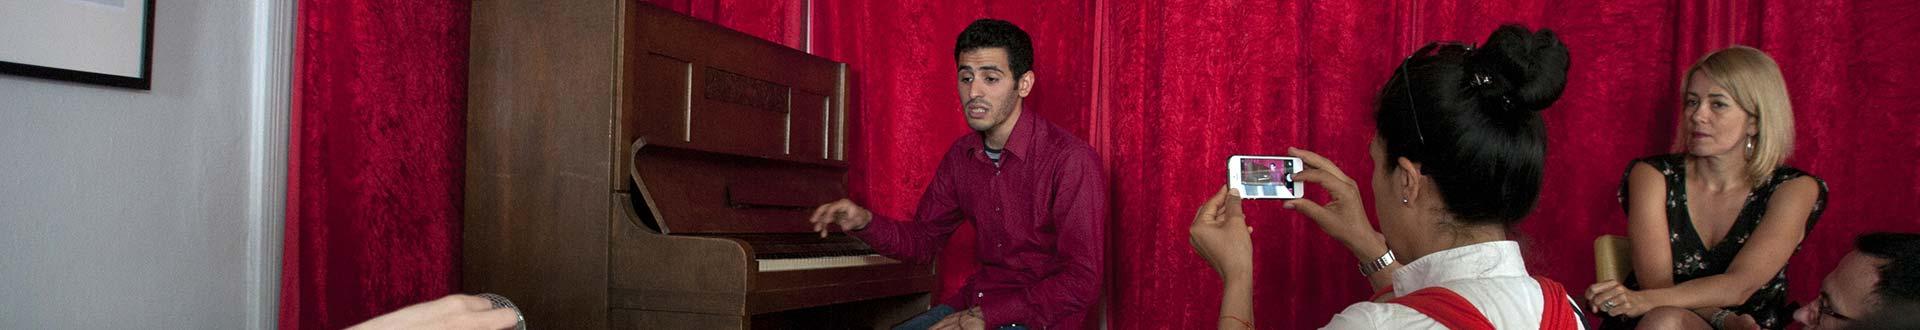 Aeham Ahmad, Pianist